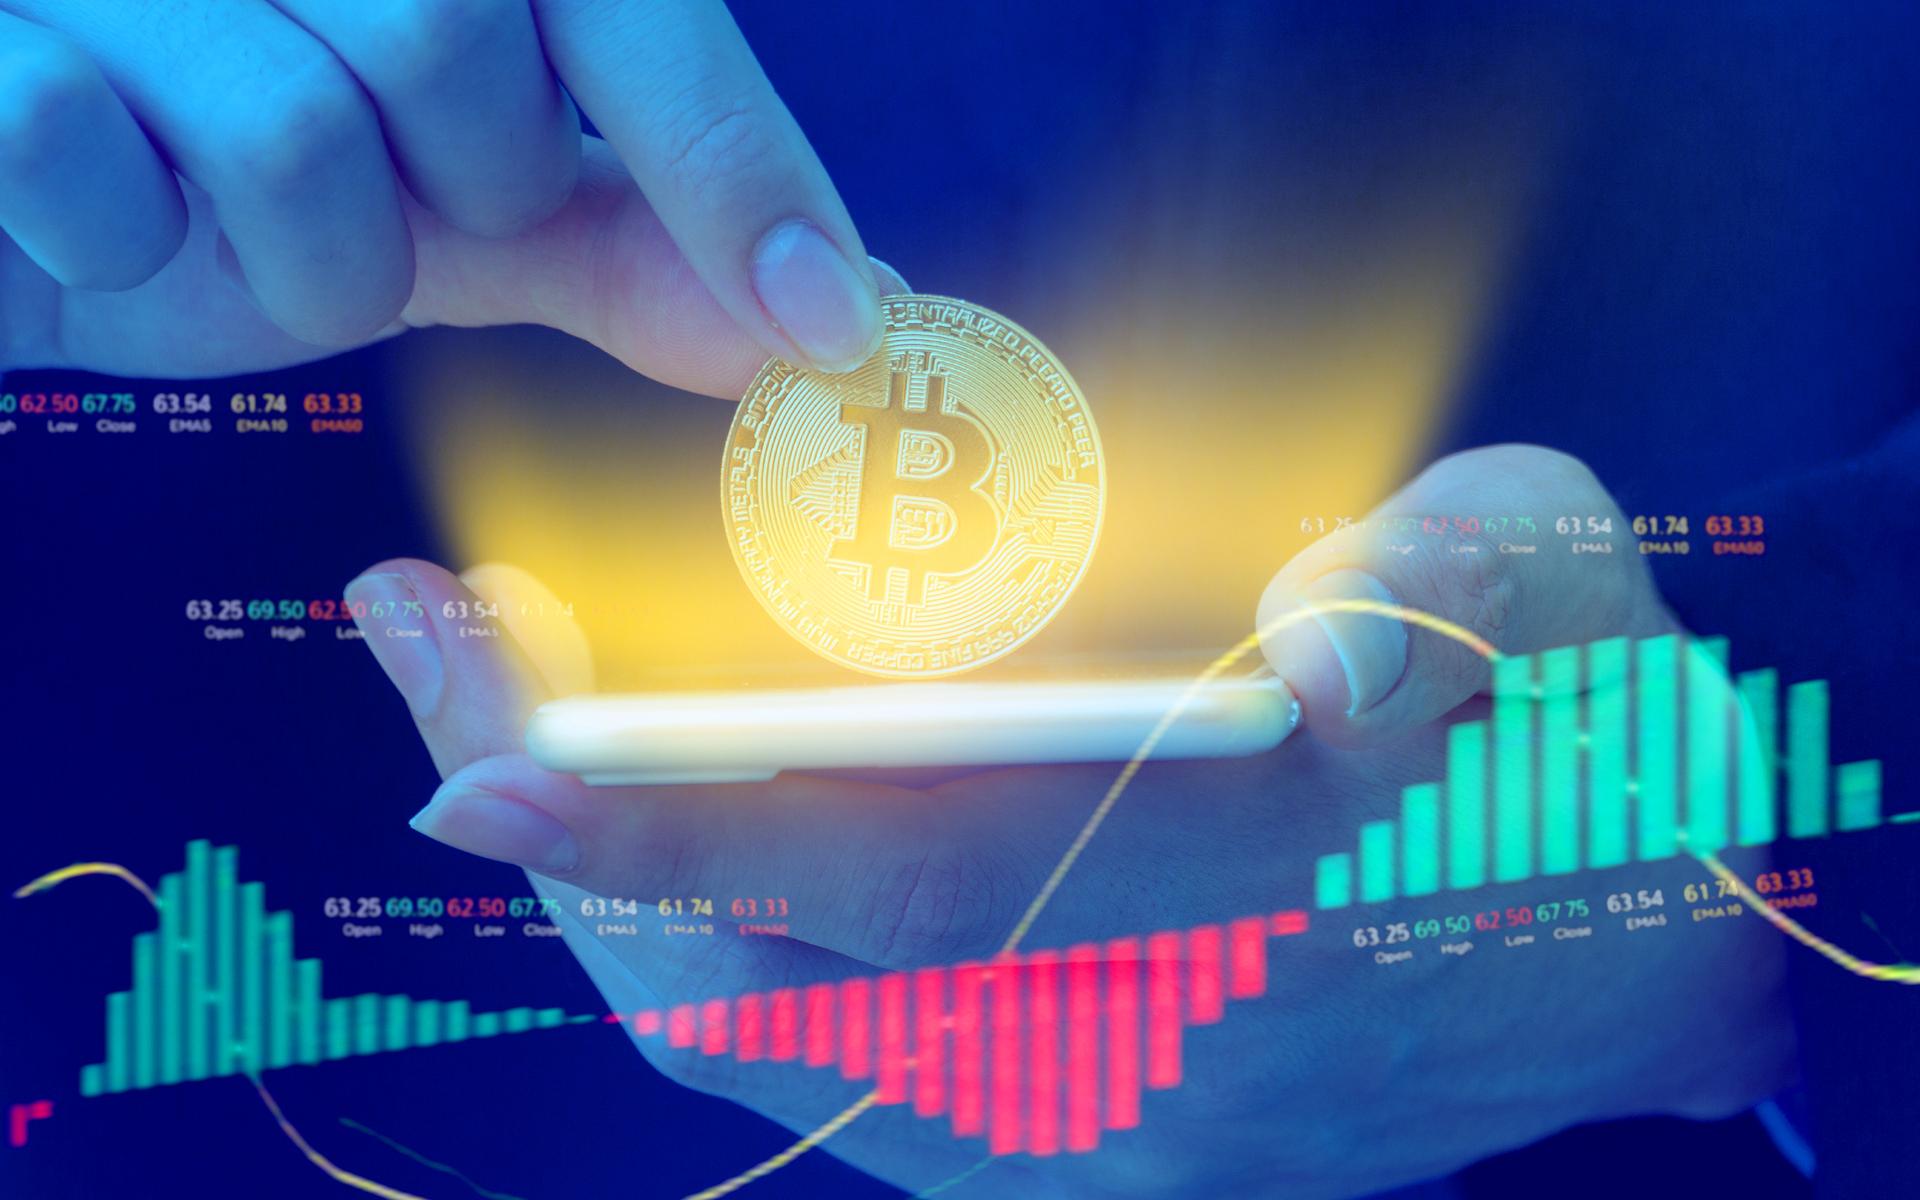 s&p 500 stocks bitcoin